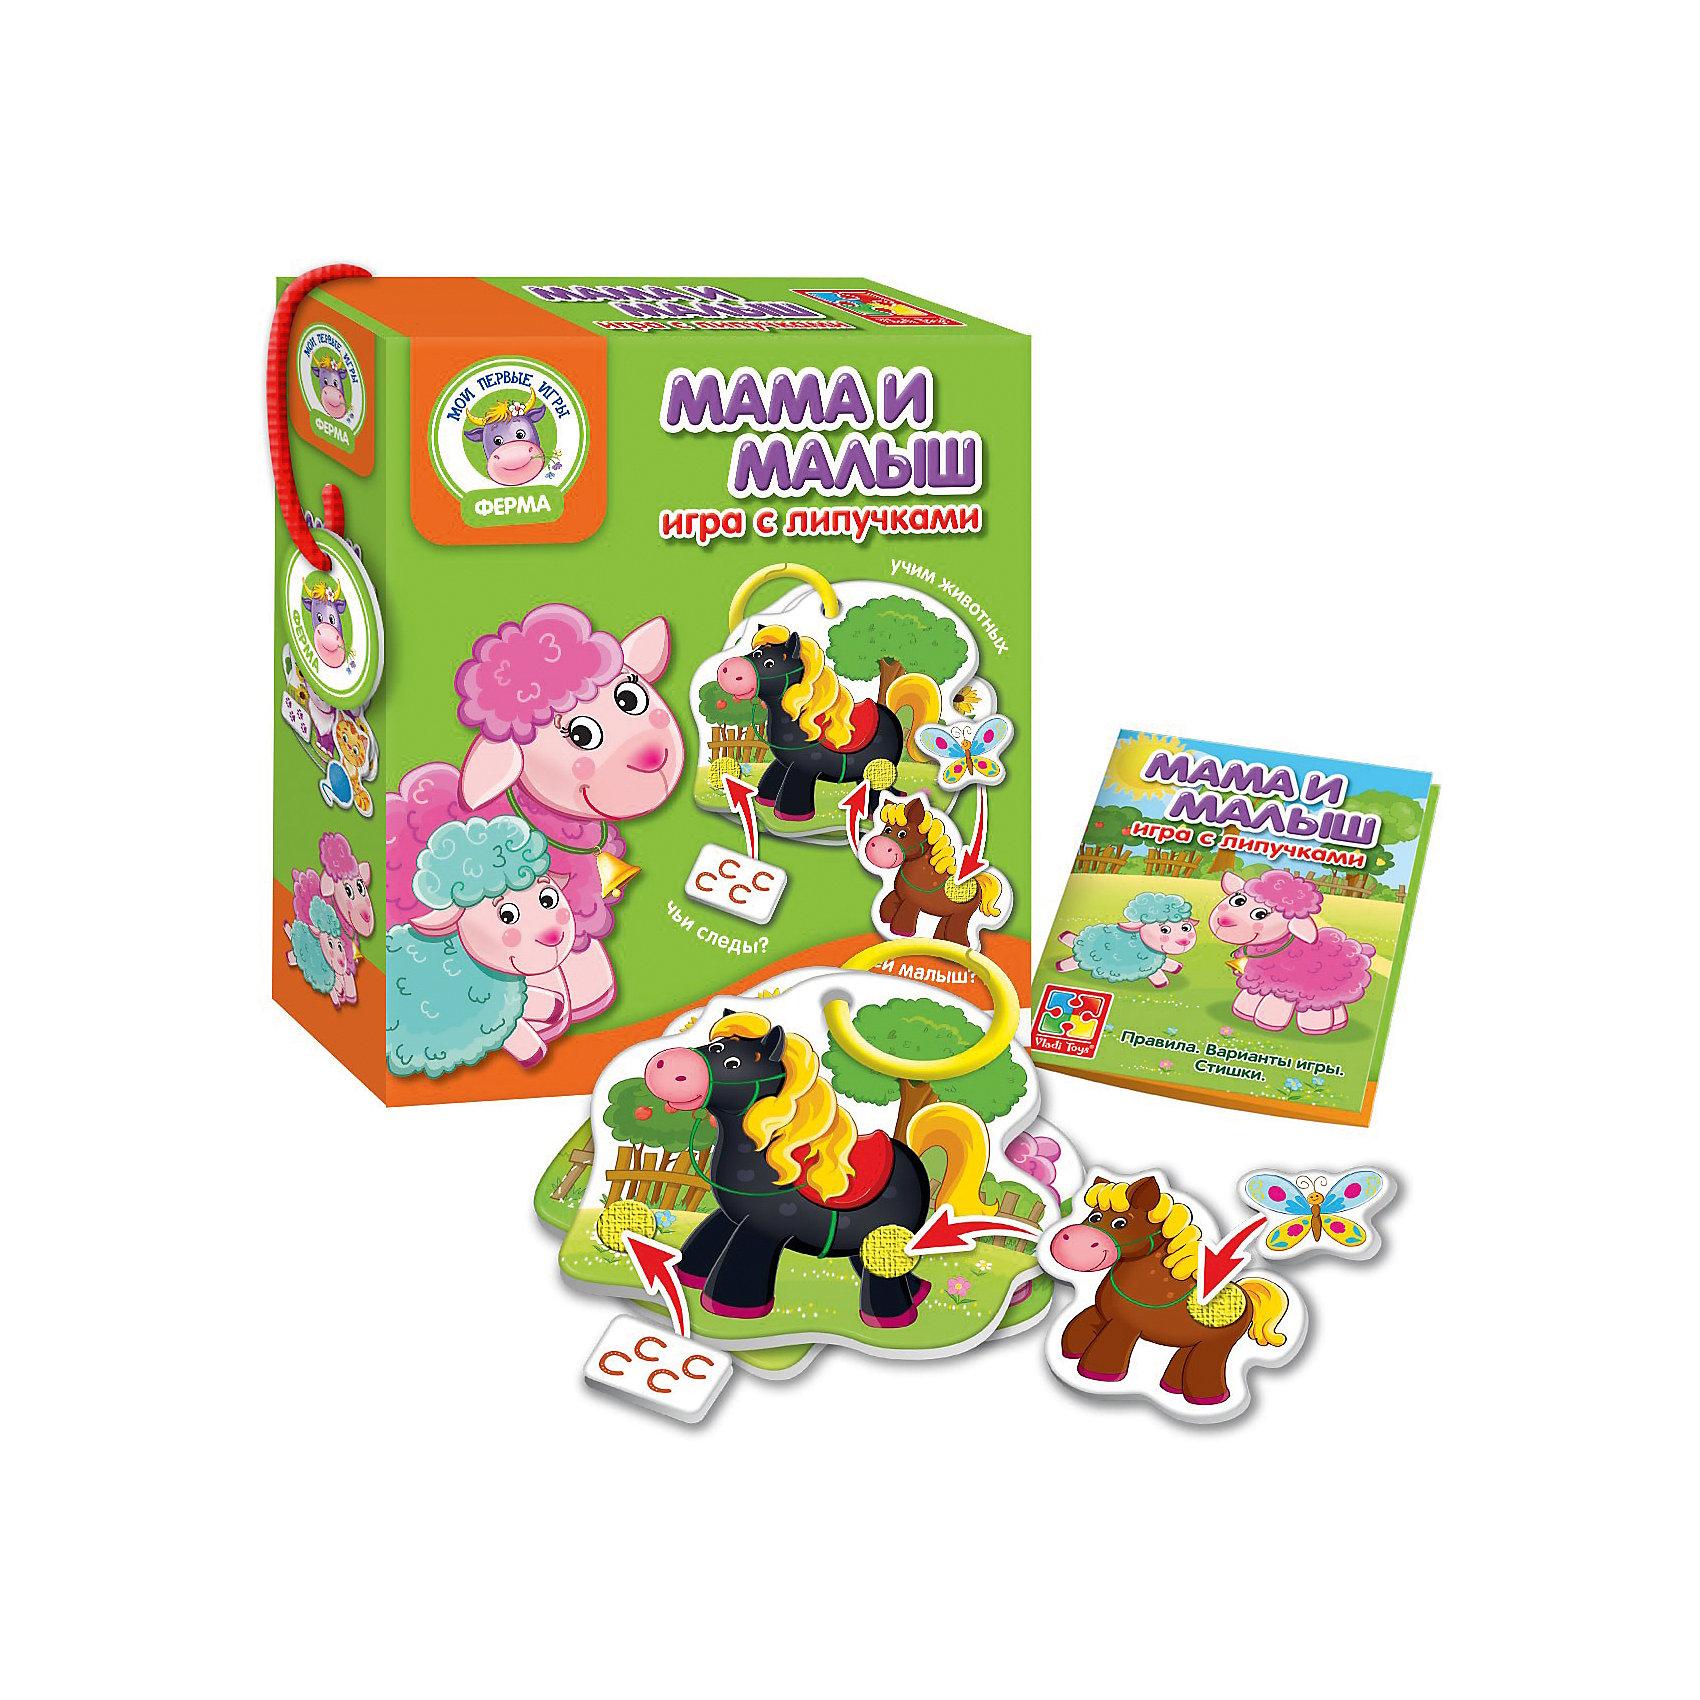 Vladi Toys Настольная игра Мама и малыш, с липучками, Vladi Toys vladi toys настольная игра больше чем азбука vladi toys